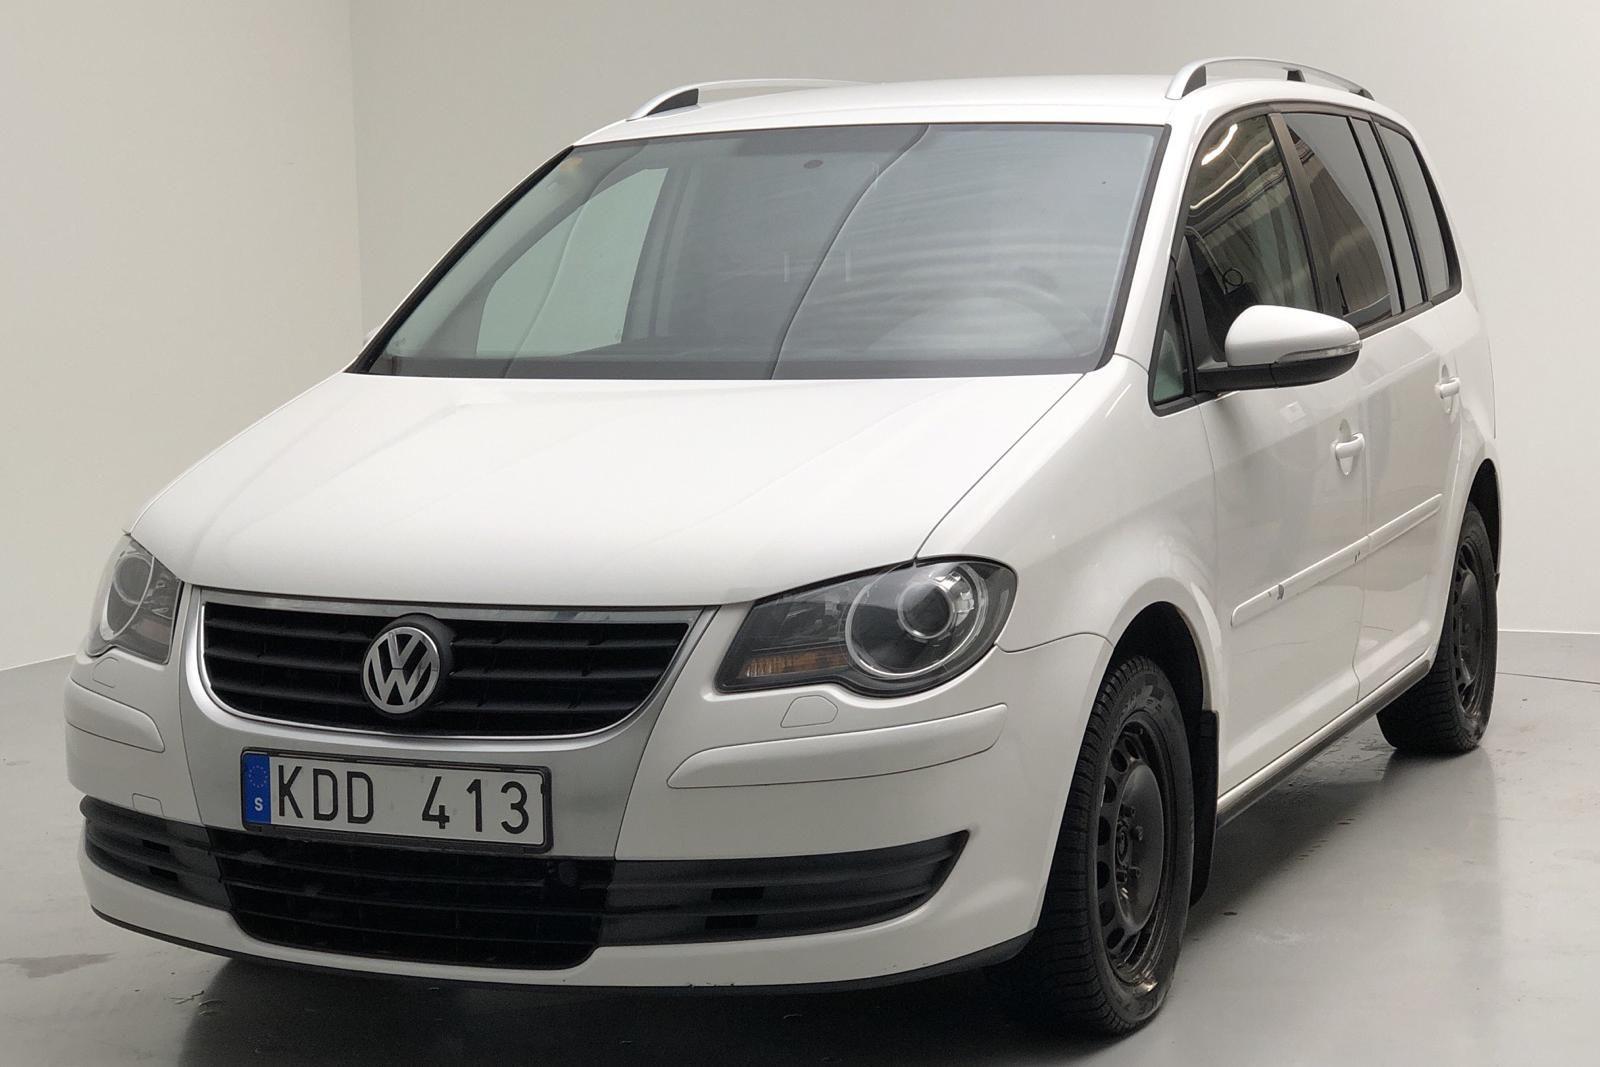 VW Touran 1.4 TSI EcoFuel (150 hk)